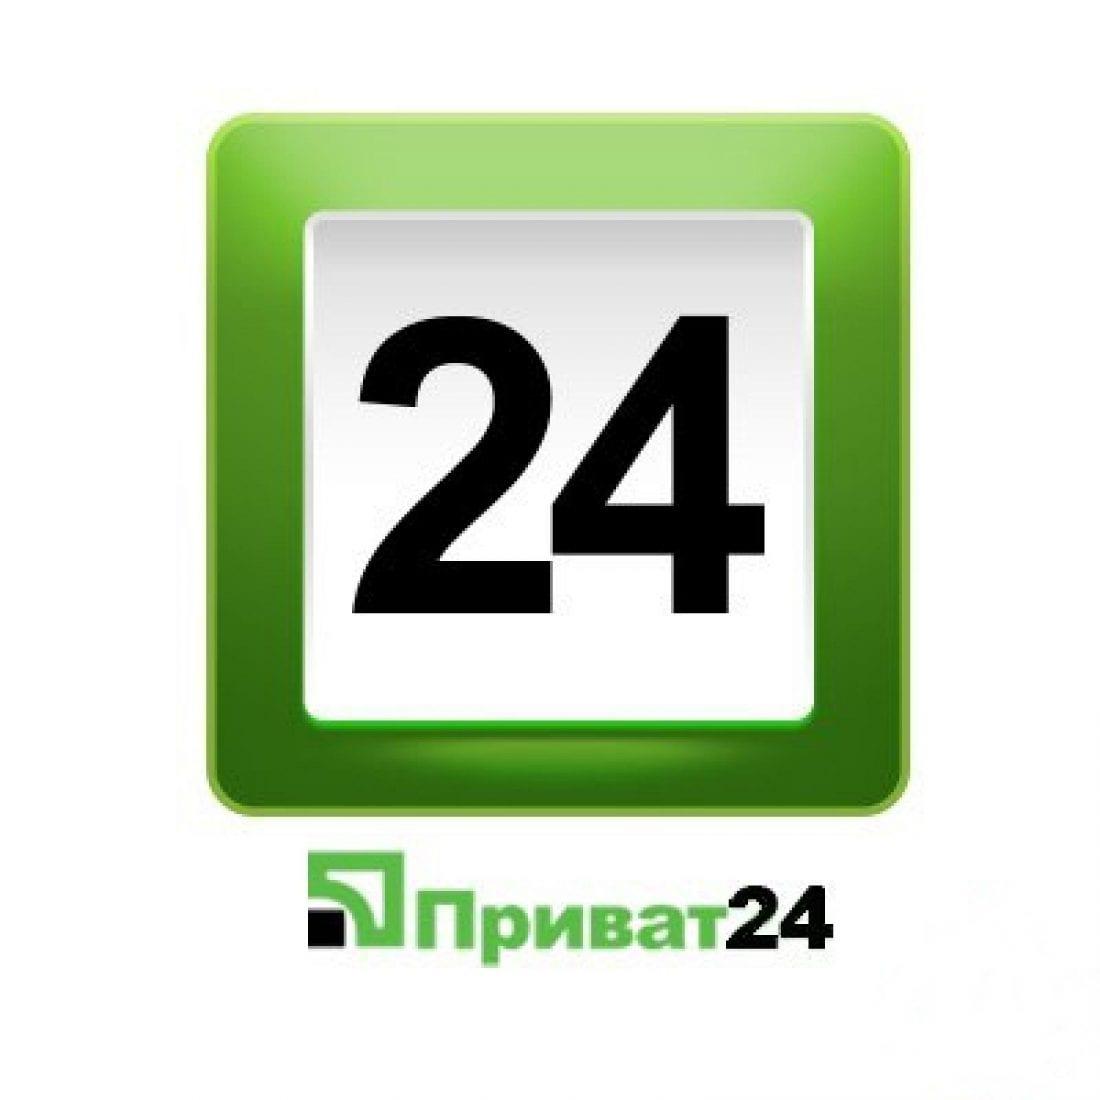 ойын автоматтары privat24 зарядтайды24